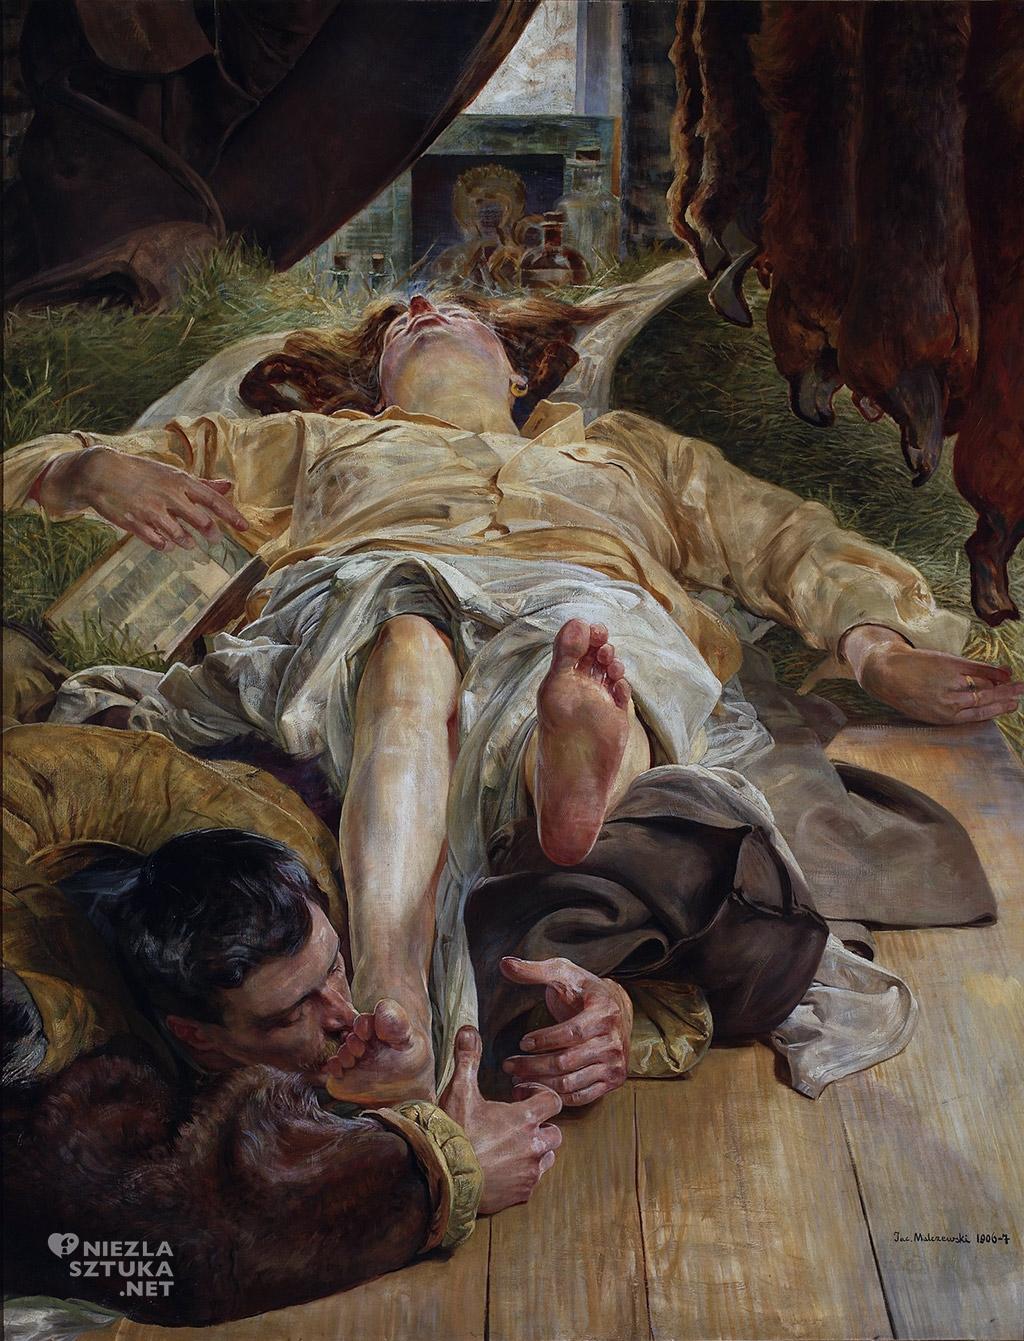 Jacek Malczewski, Śmierć Ellenai, malarstwo polskie, sztuka polska, muzeum narodowe w Warszawie, Niezła sztuka